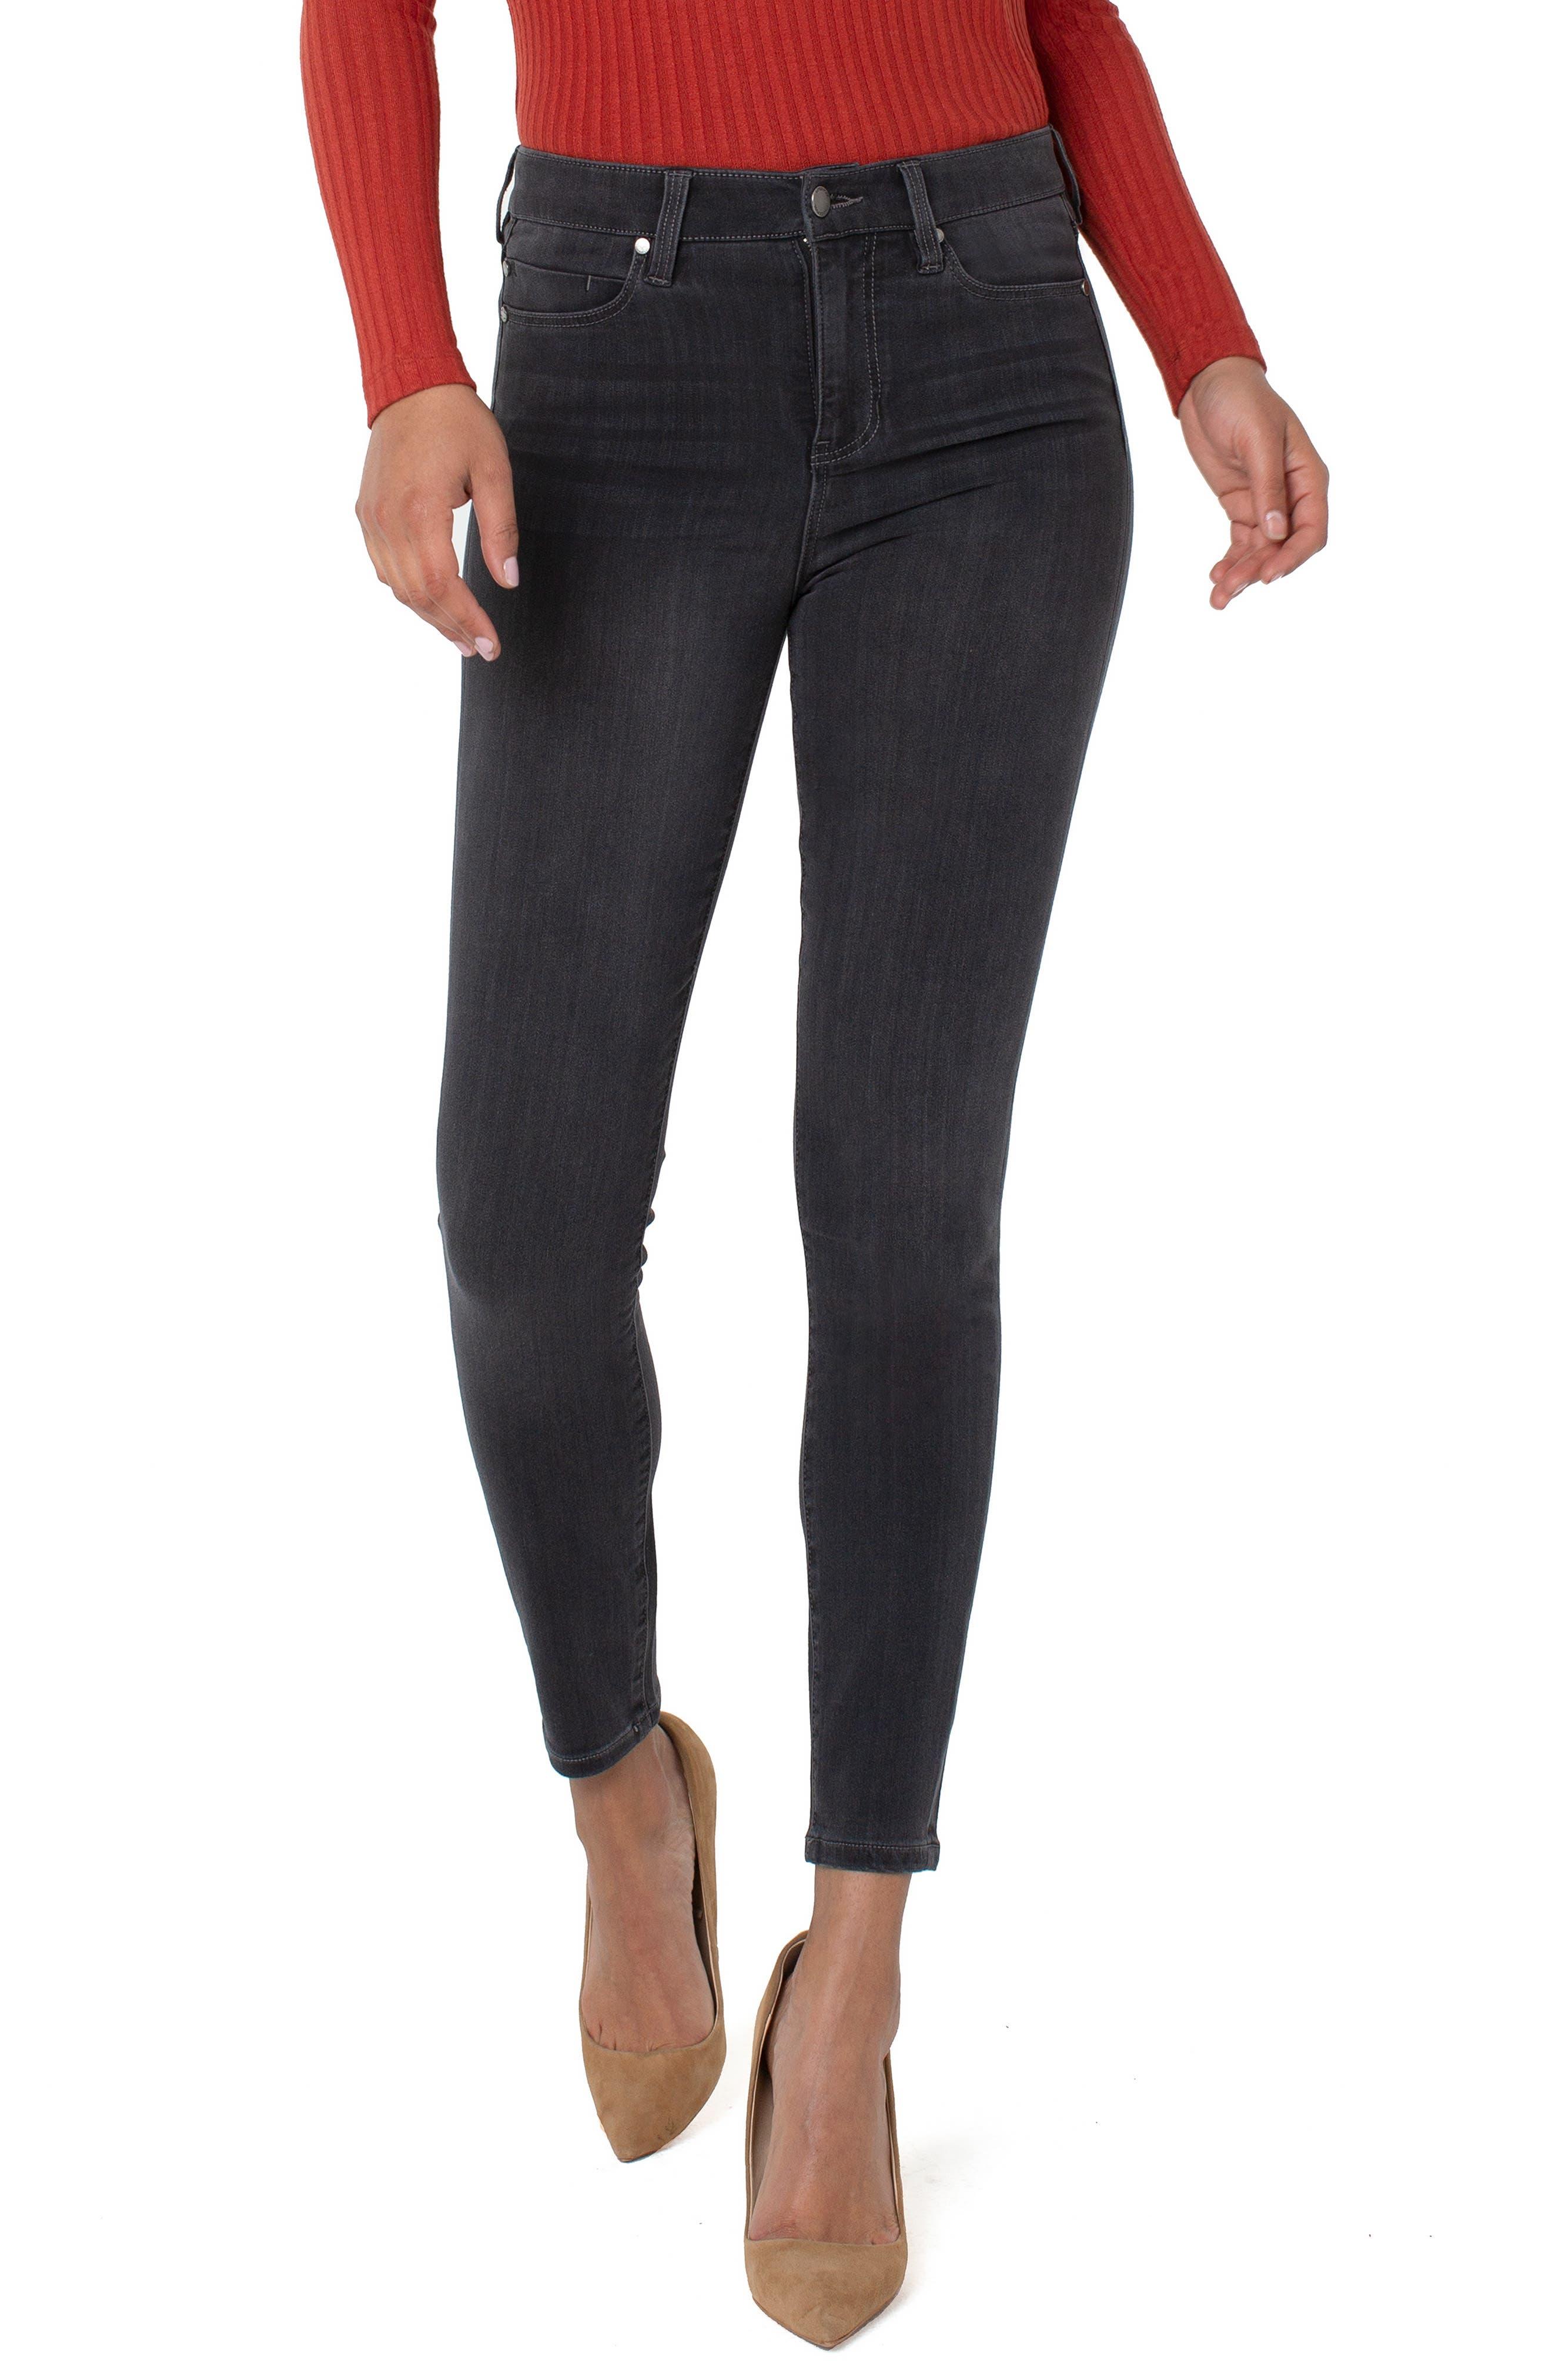 Abby High Waist Ankle Jeans